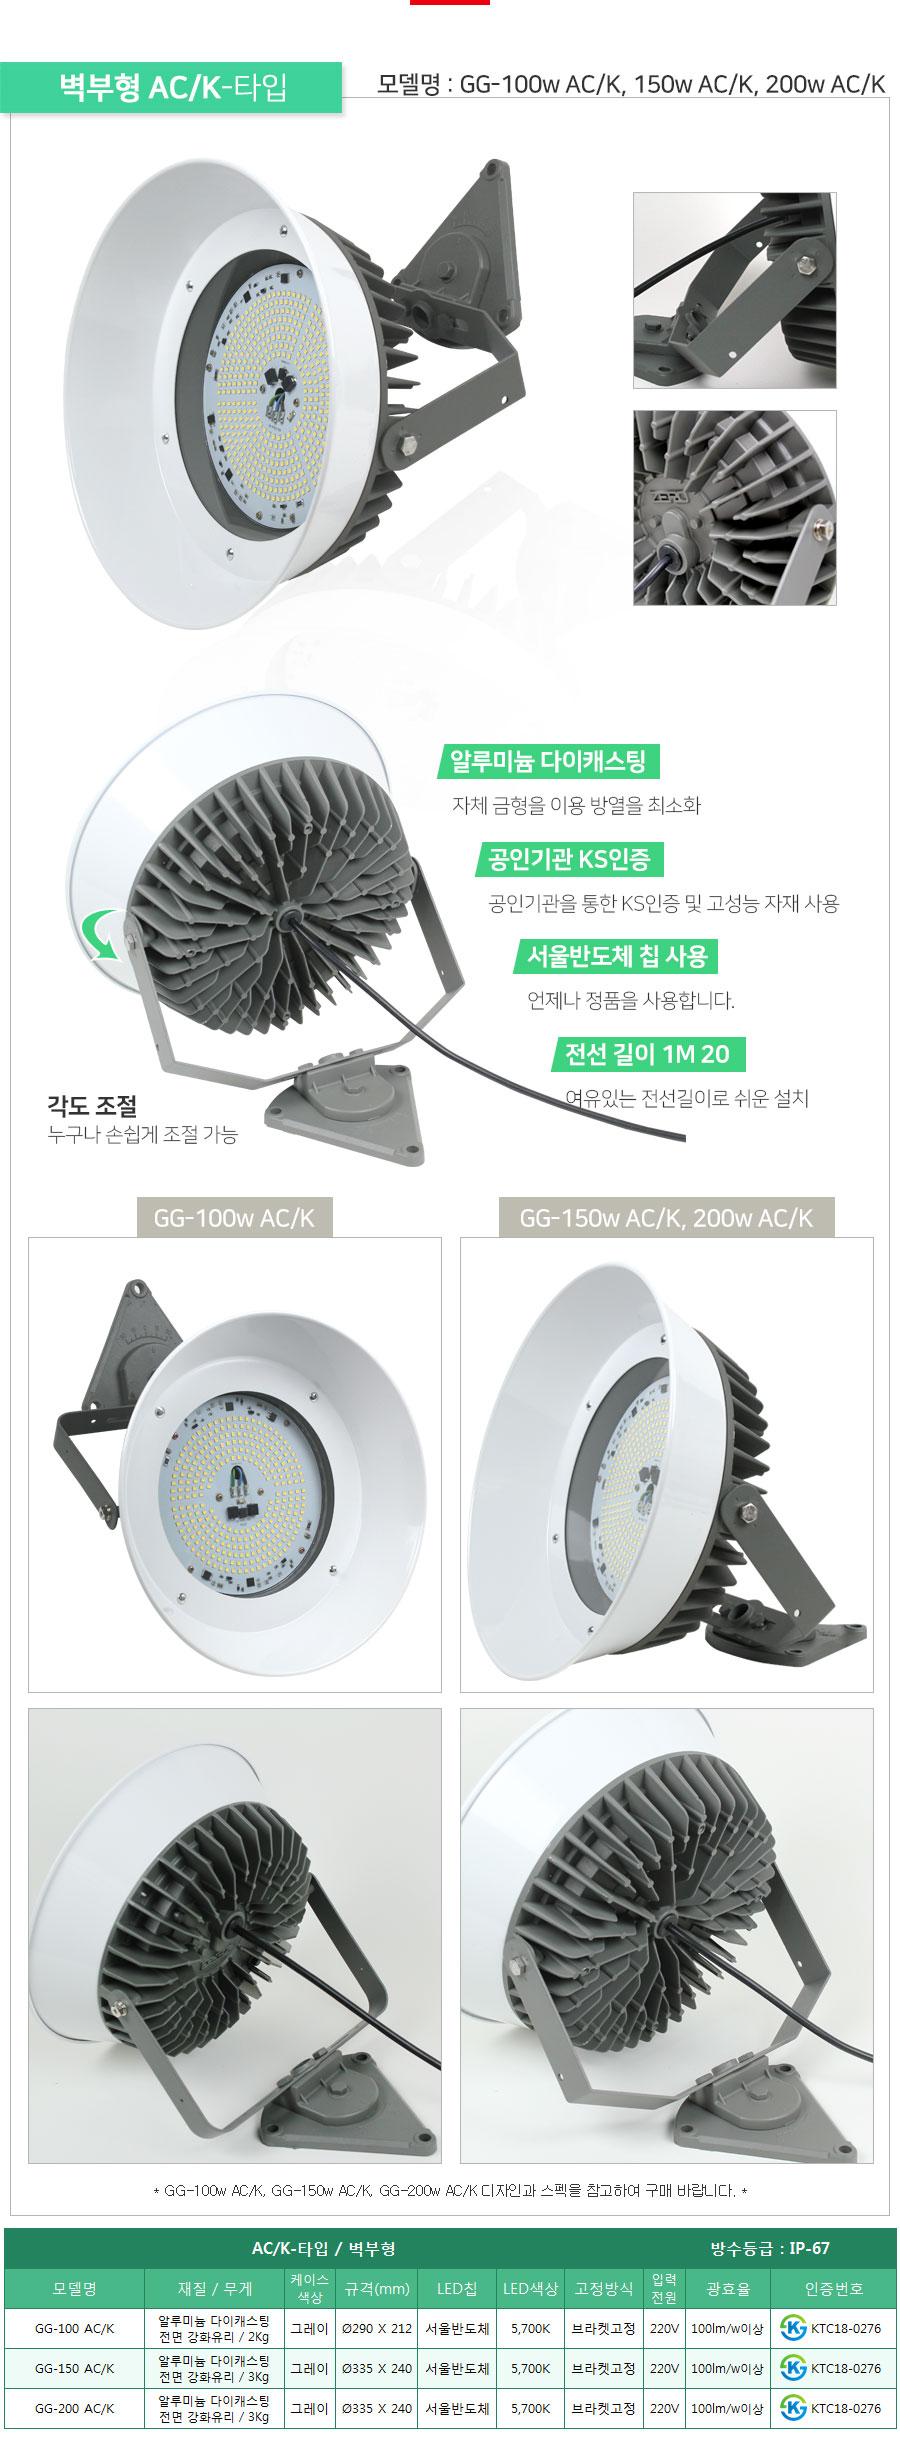 제로조명 LED공장등 100w / 150w / 200w AC/K 타입